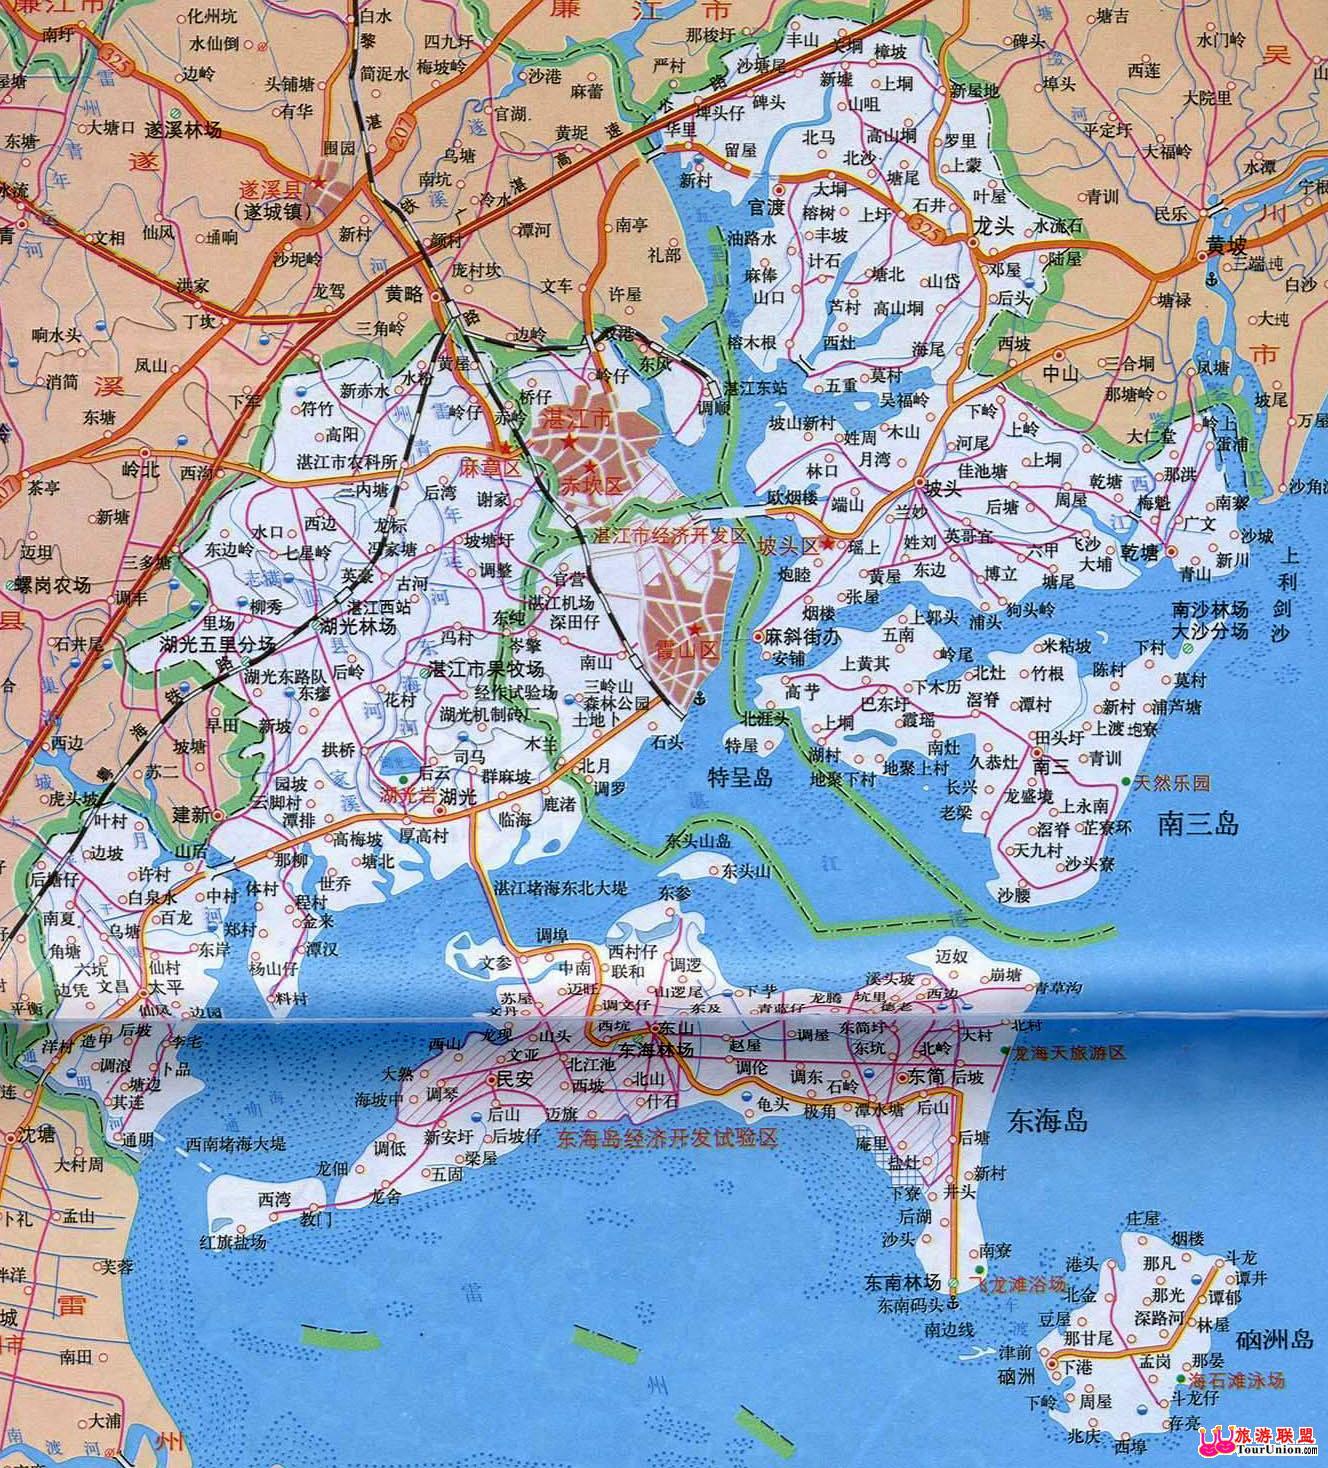 赤坎电子地图·赤坎风光图库·图行湛江·图行广东